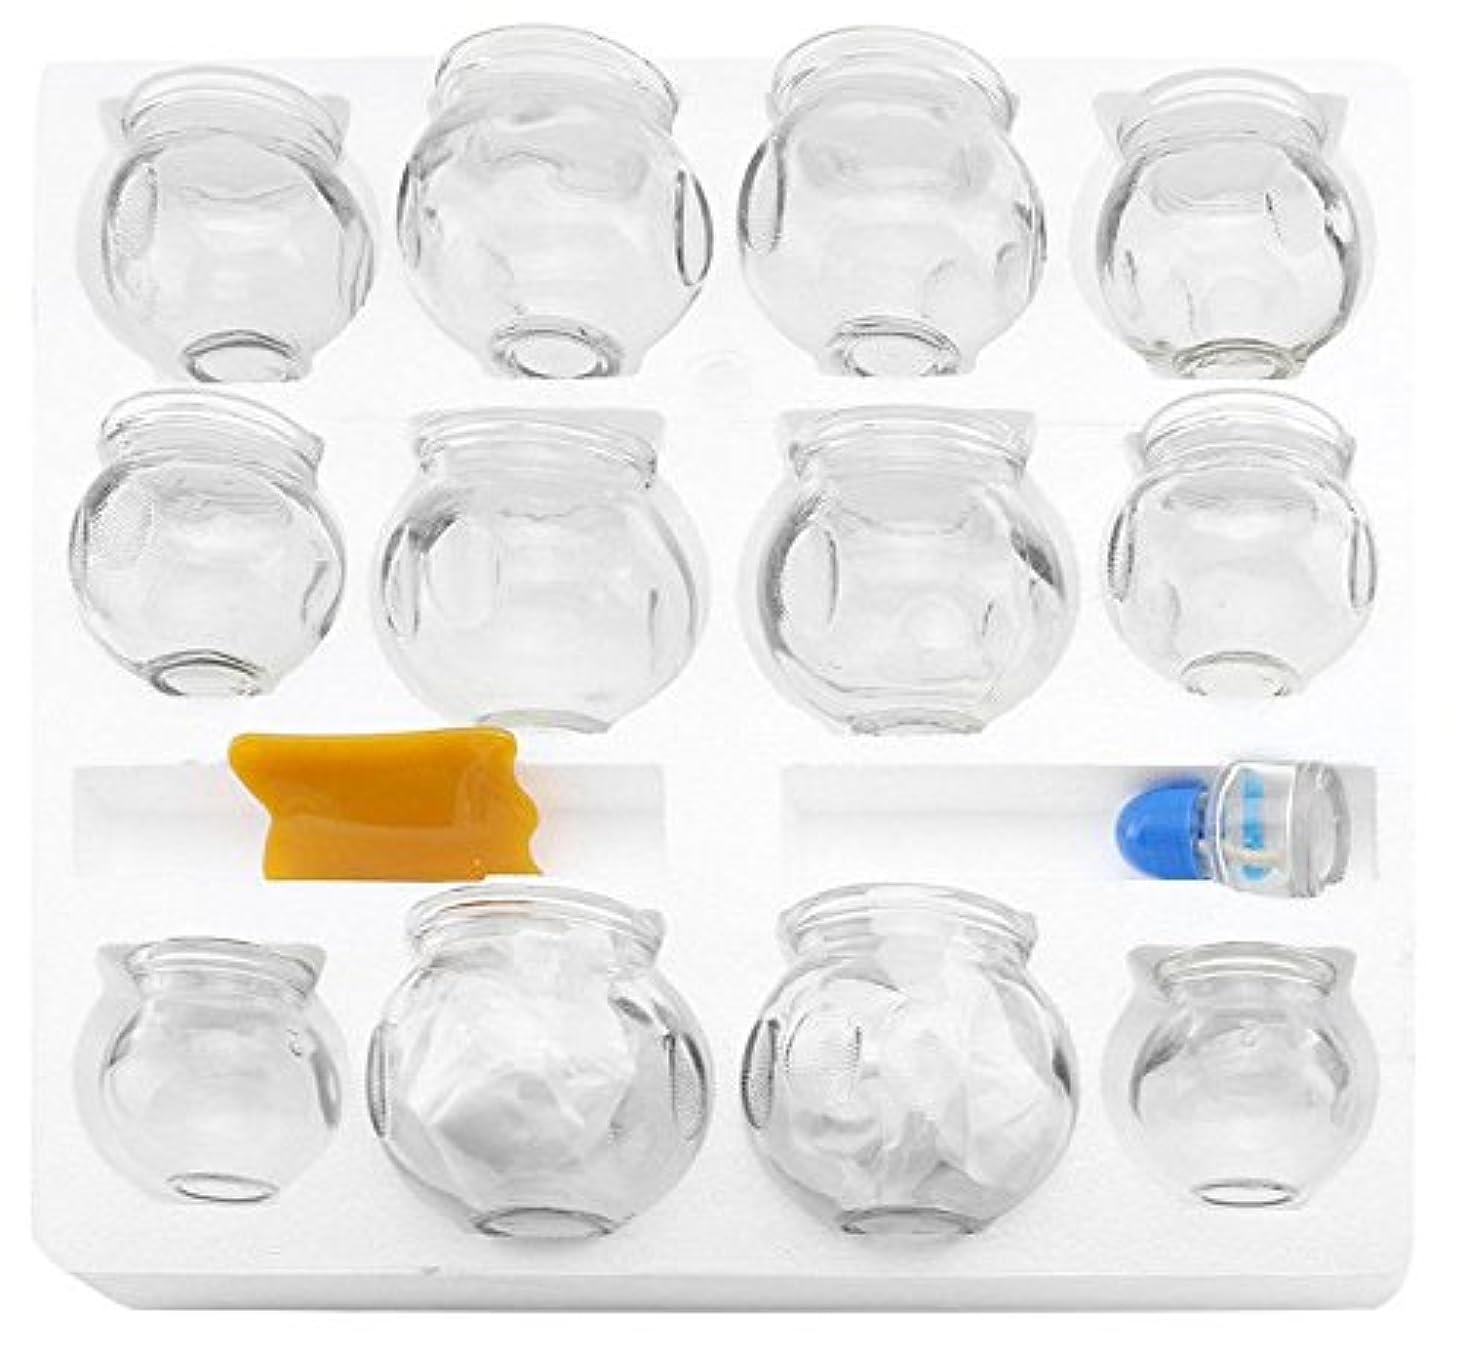 注釈アンテナ協同12 pcs厚いガラスカッピング療法セットfor Professionals ( 2カップ# 5 ~ 2.87